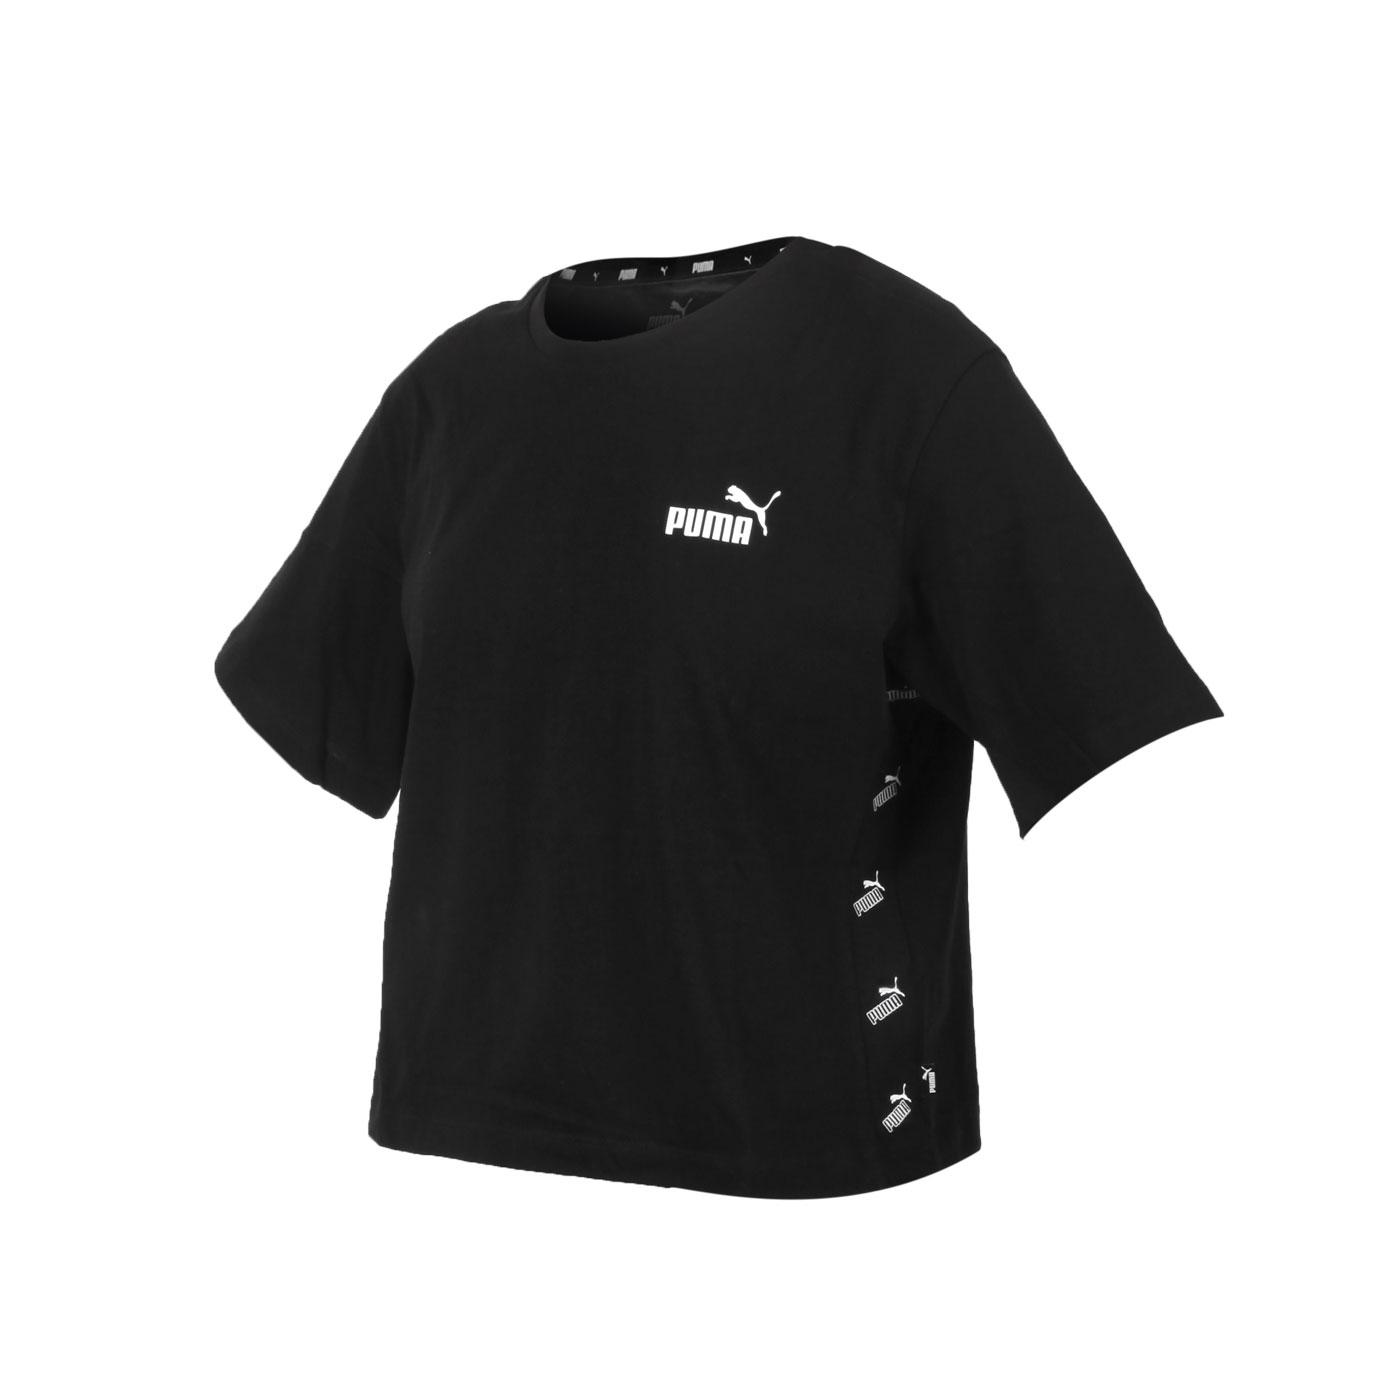 PUMA 女款基本系列短版短袖T恤 58659701 - 黑白